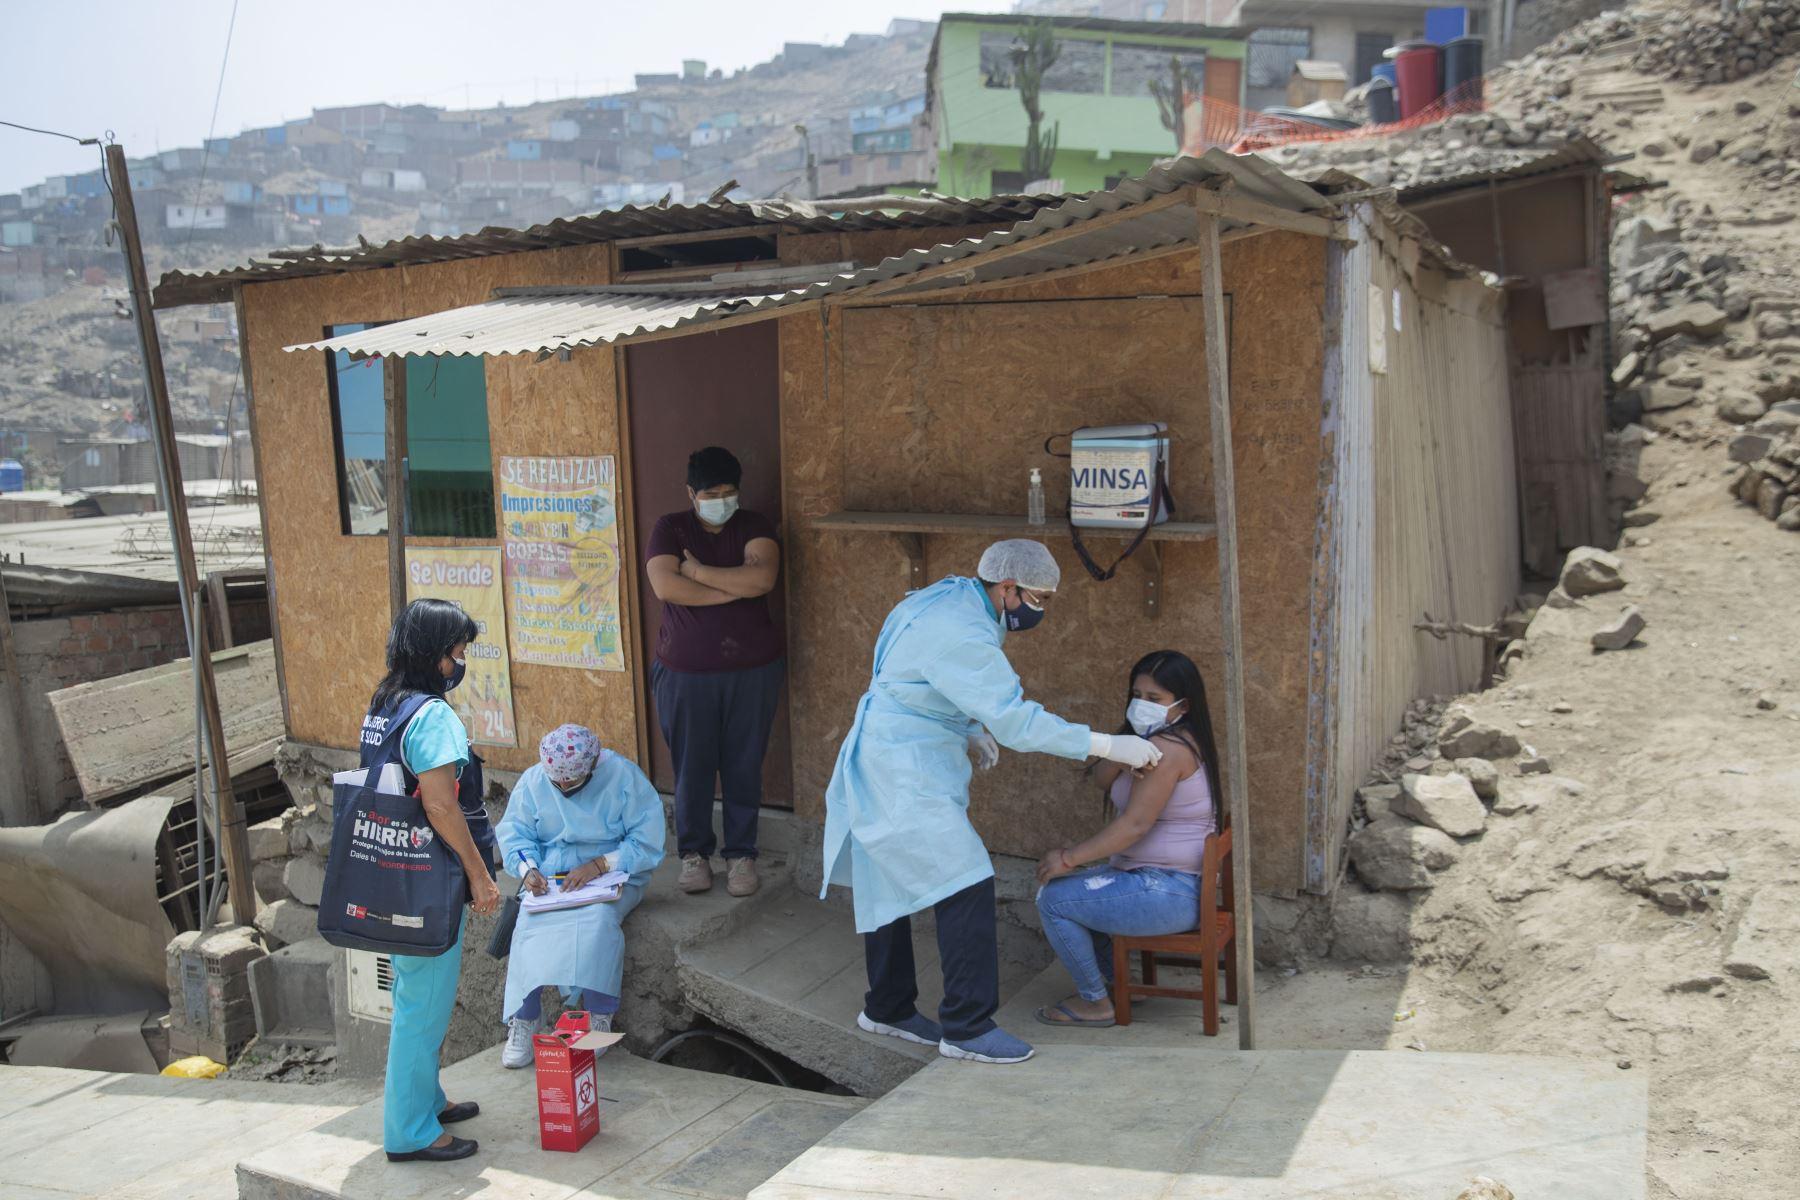 """El licenciado Hans Alejo cree en el poder de la información de primera mano. En la campaña han tenido muchos casos de personas que por su fe religiosa no quería vacunarse, a pesar de que el covid-19 había matado a miles. Pero después de escuchar la información directamente de los brigadistas se sentían en confianza y aceptaban inmunizarse: """"en nombre de dios voy a vacunarme, decían. Foto: ANDINA/Carla Patiño"""